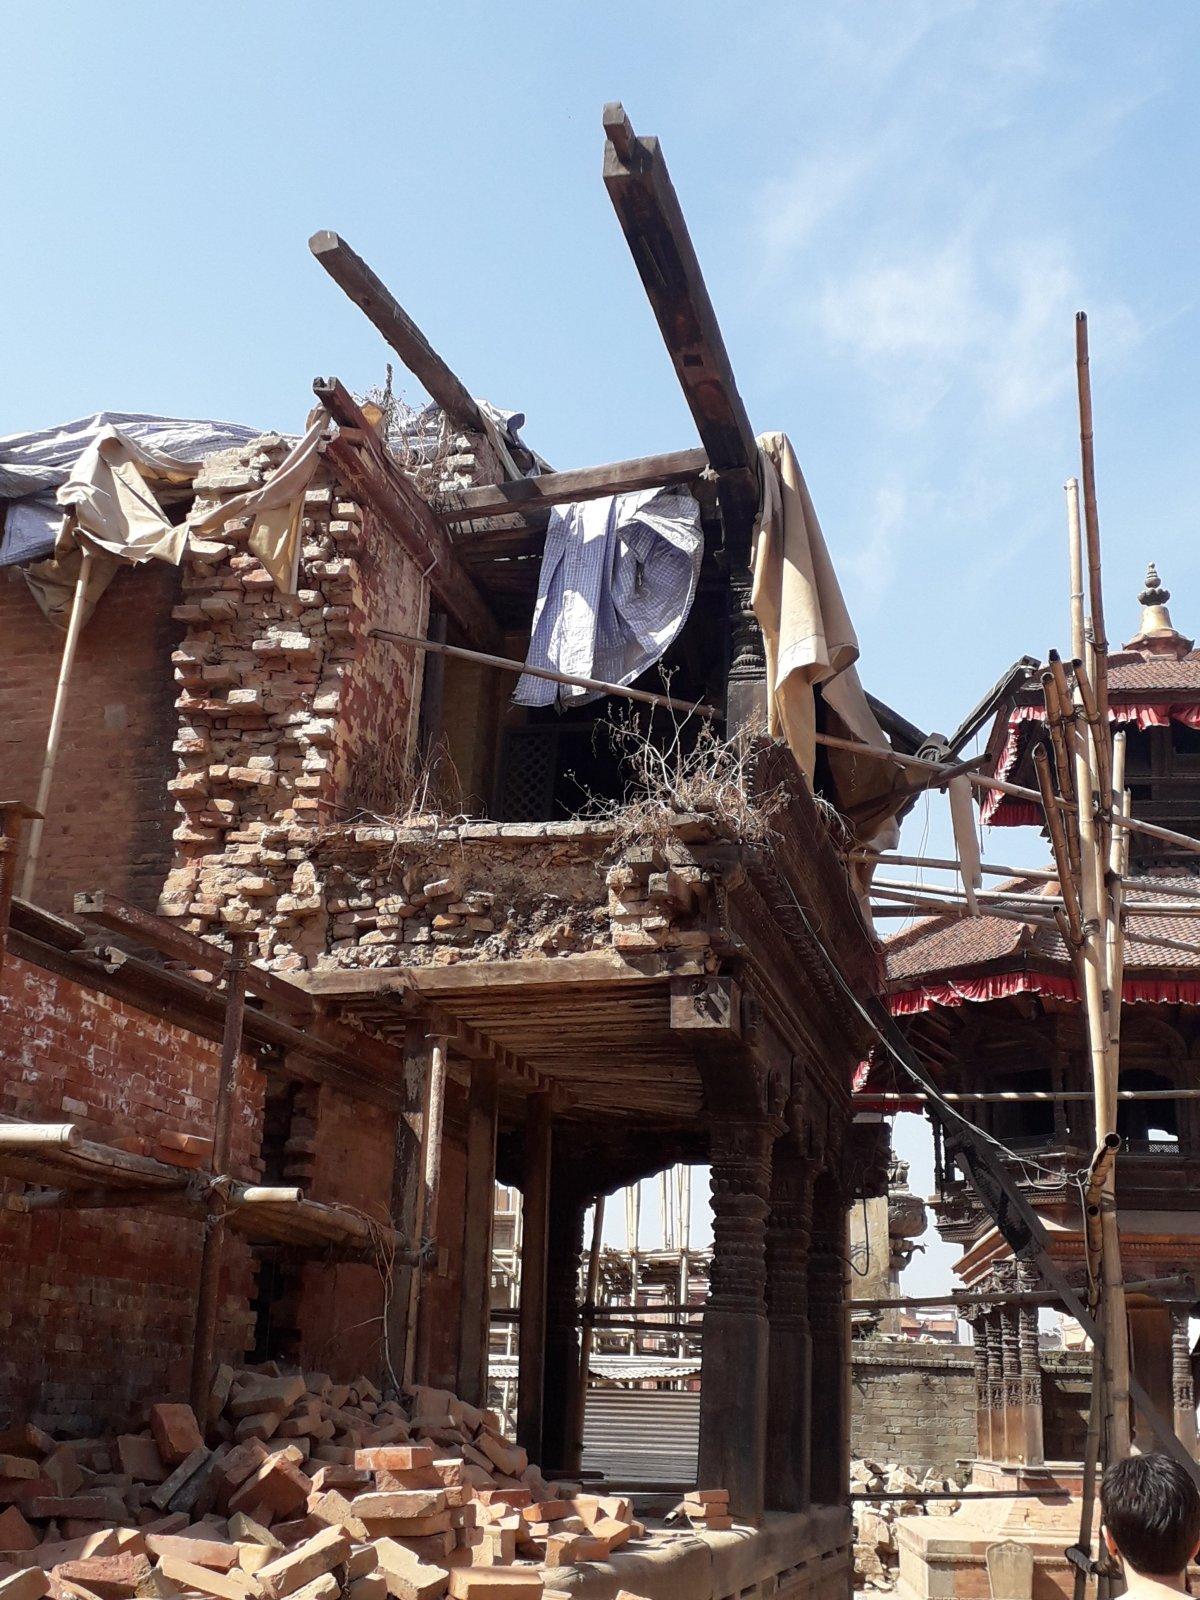 A 2015-ös, 7,9-es erősségű földrengés okozta károk Bakhtapurban •  Fotó: Kiss Judit